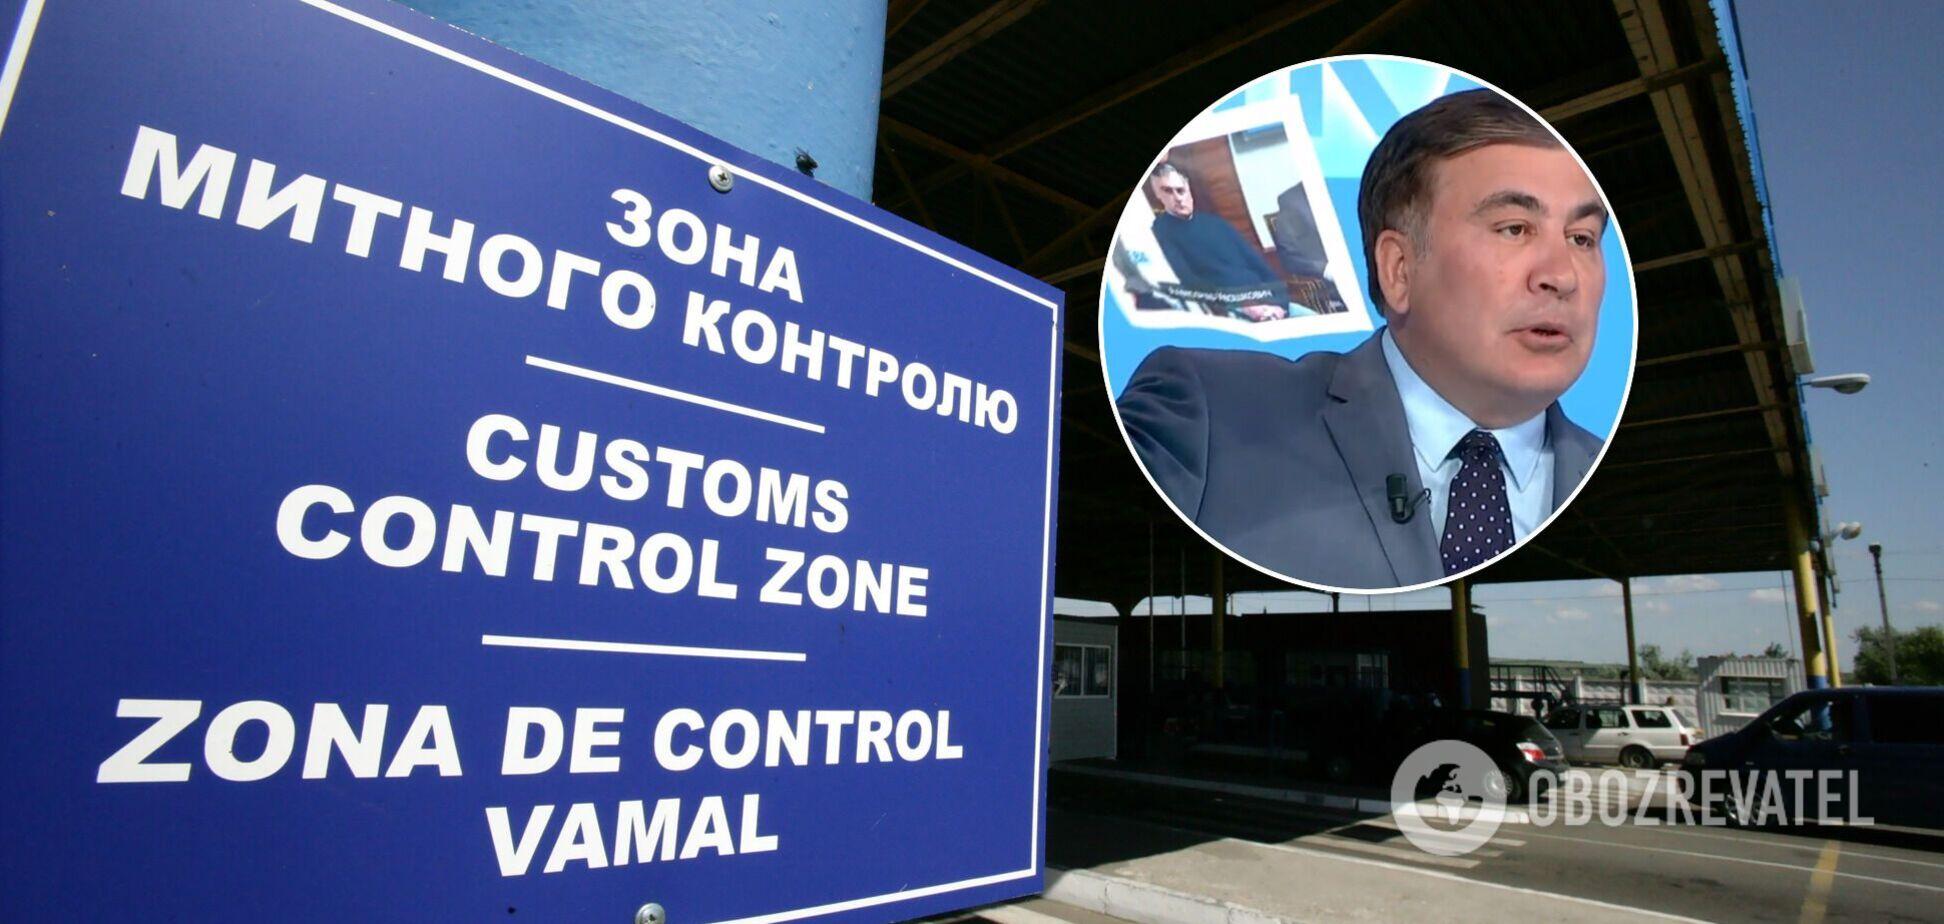 Саакашвілі назвав справжнього главу української митниці, який 'працює під СБУ'